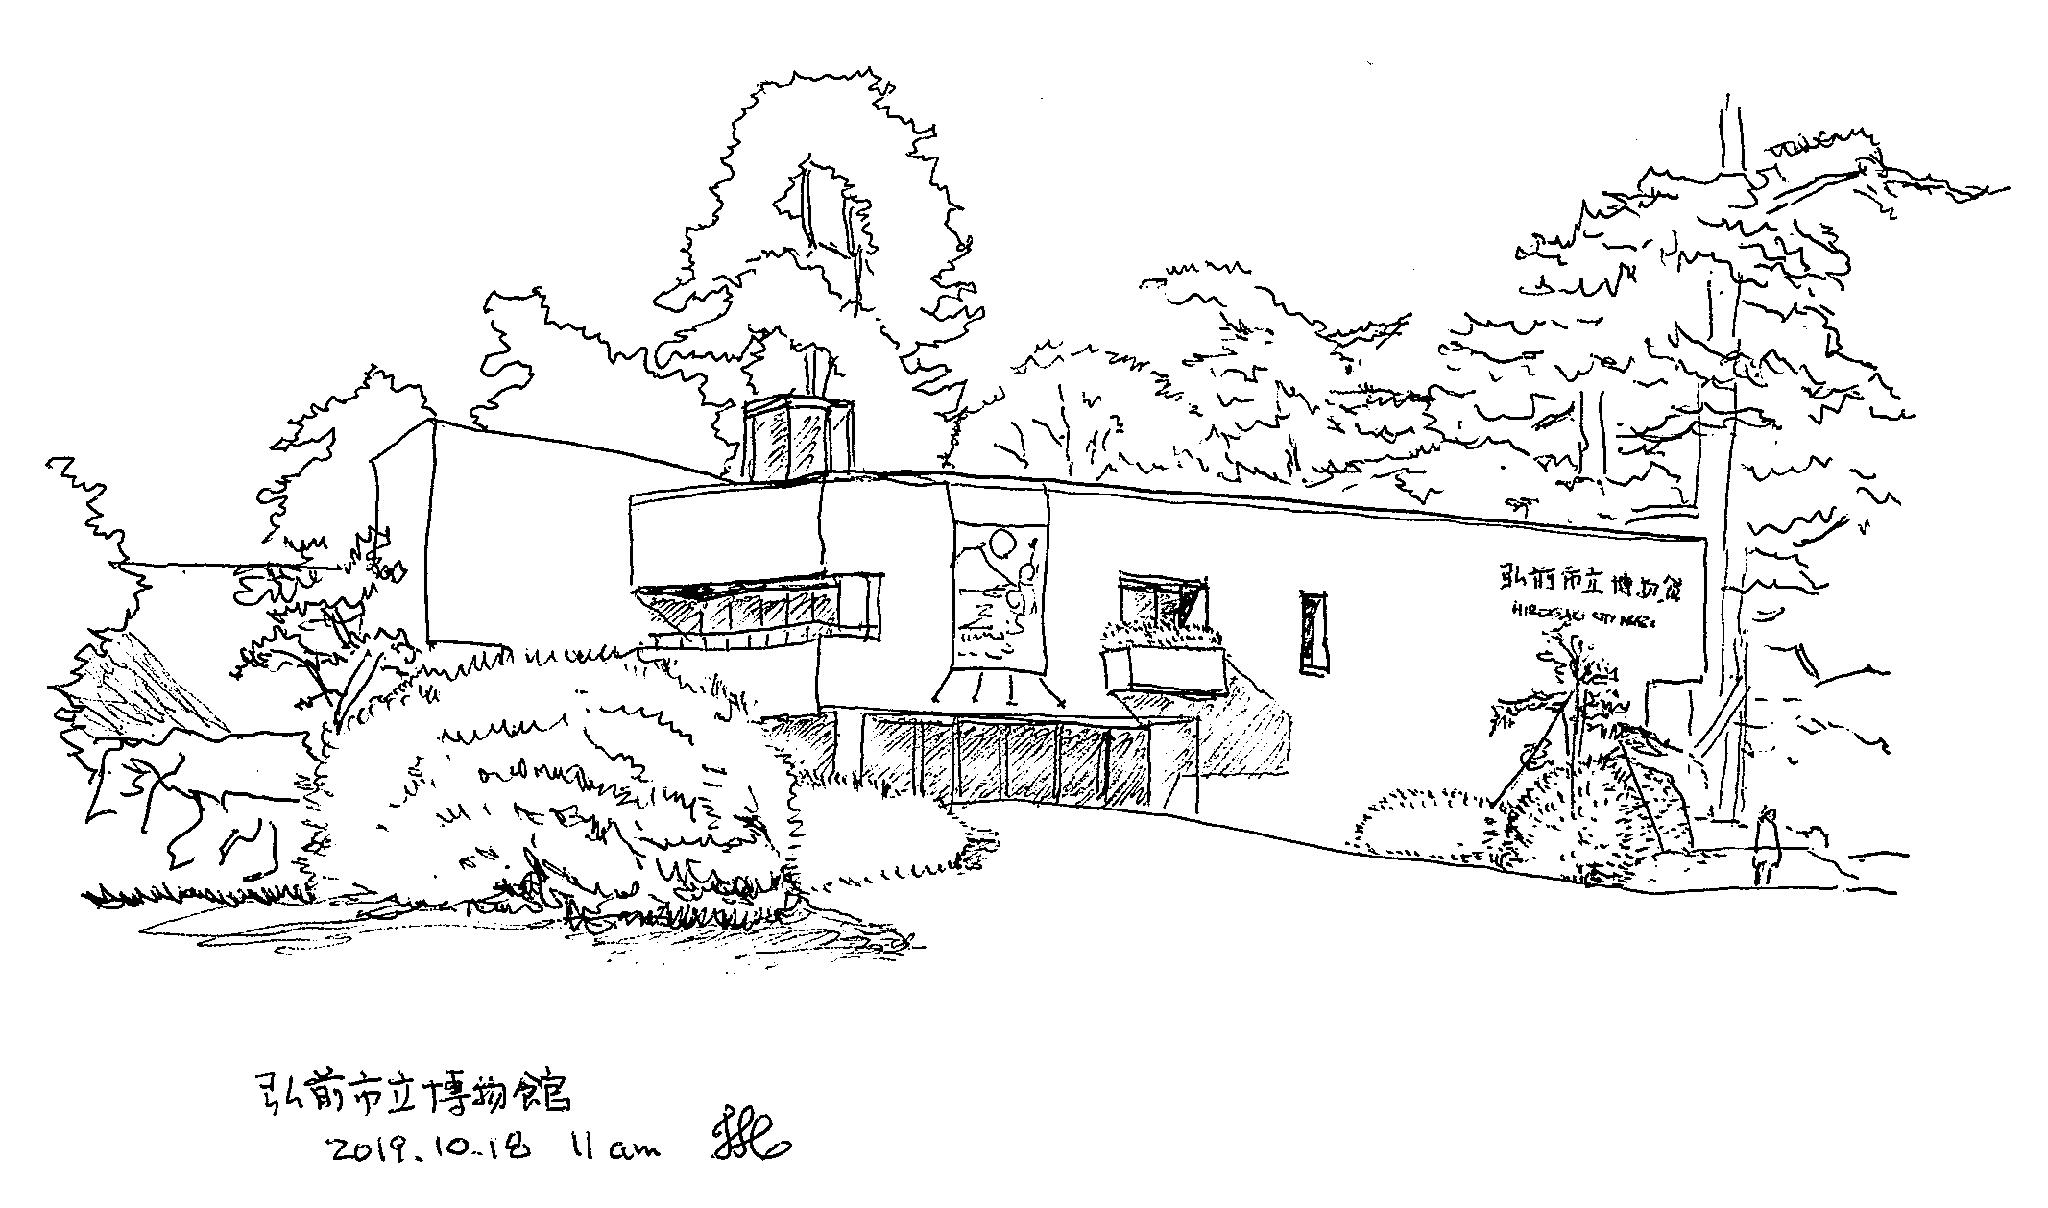 まちの中の建築スケッチ 神田順 弘前市立博物館 前川國男